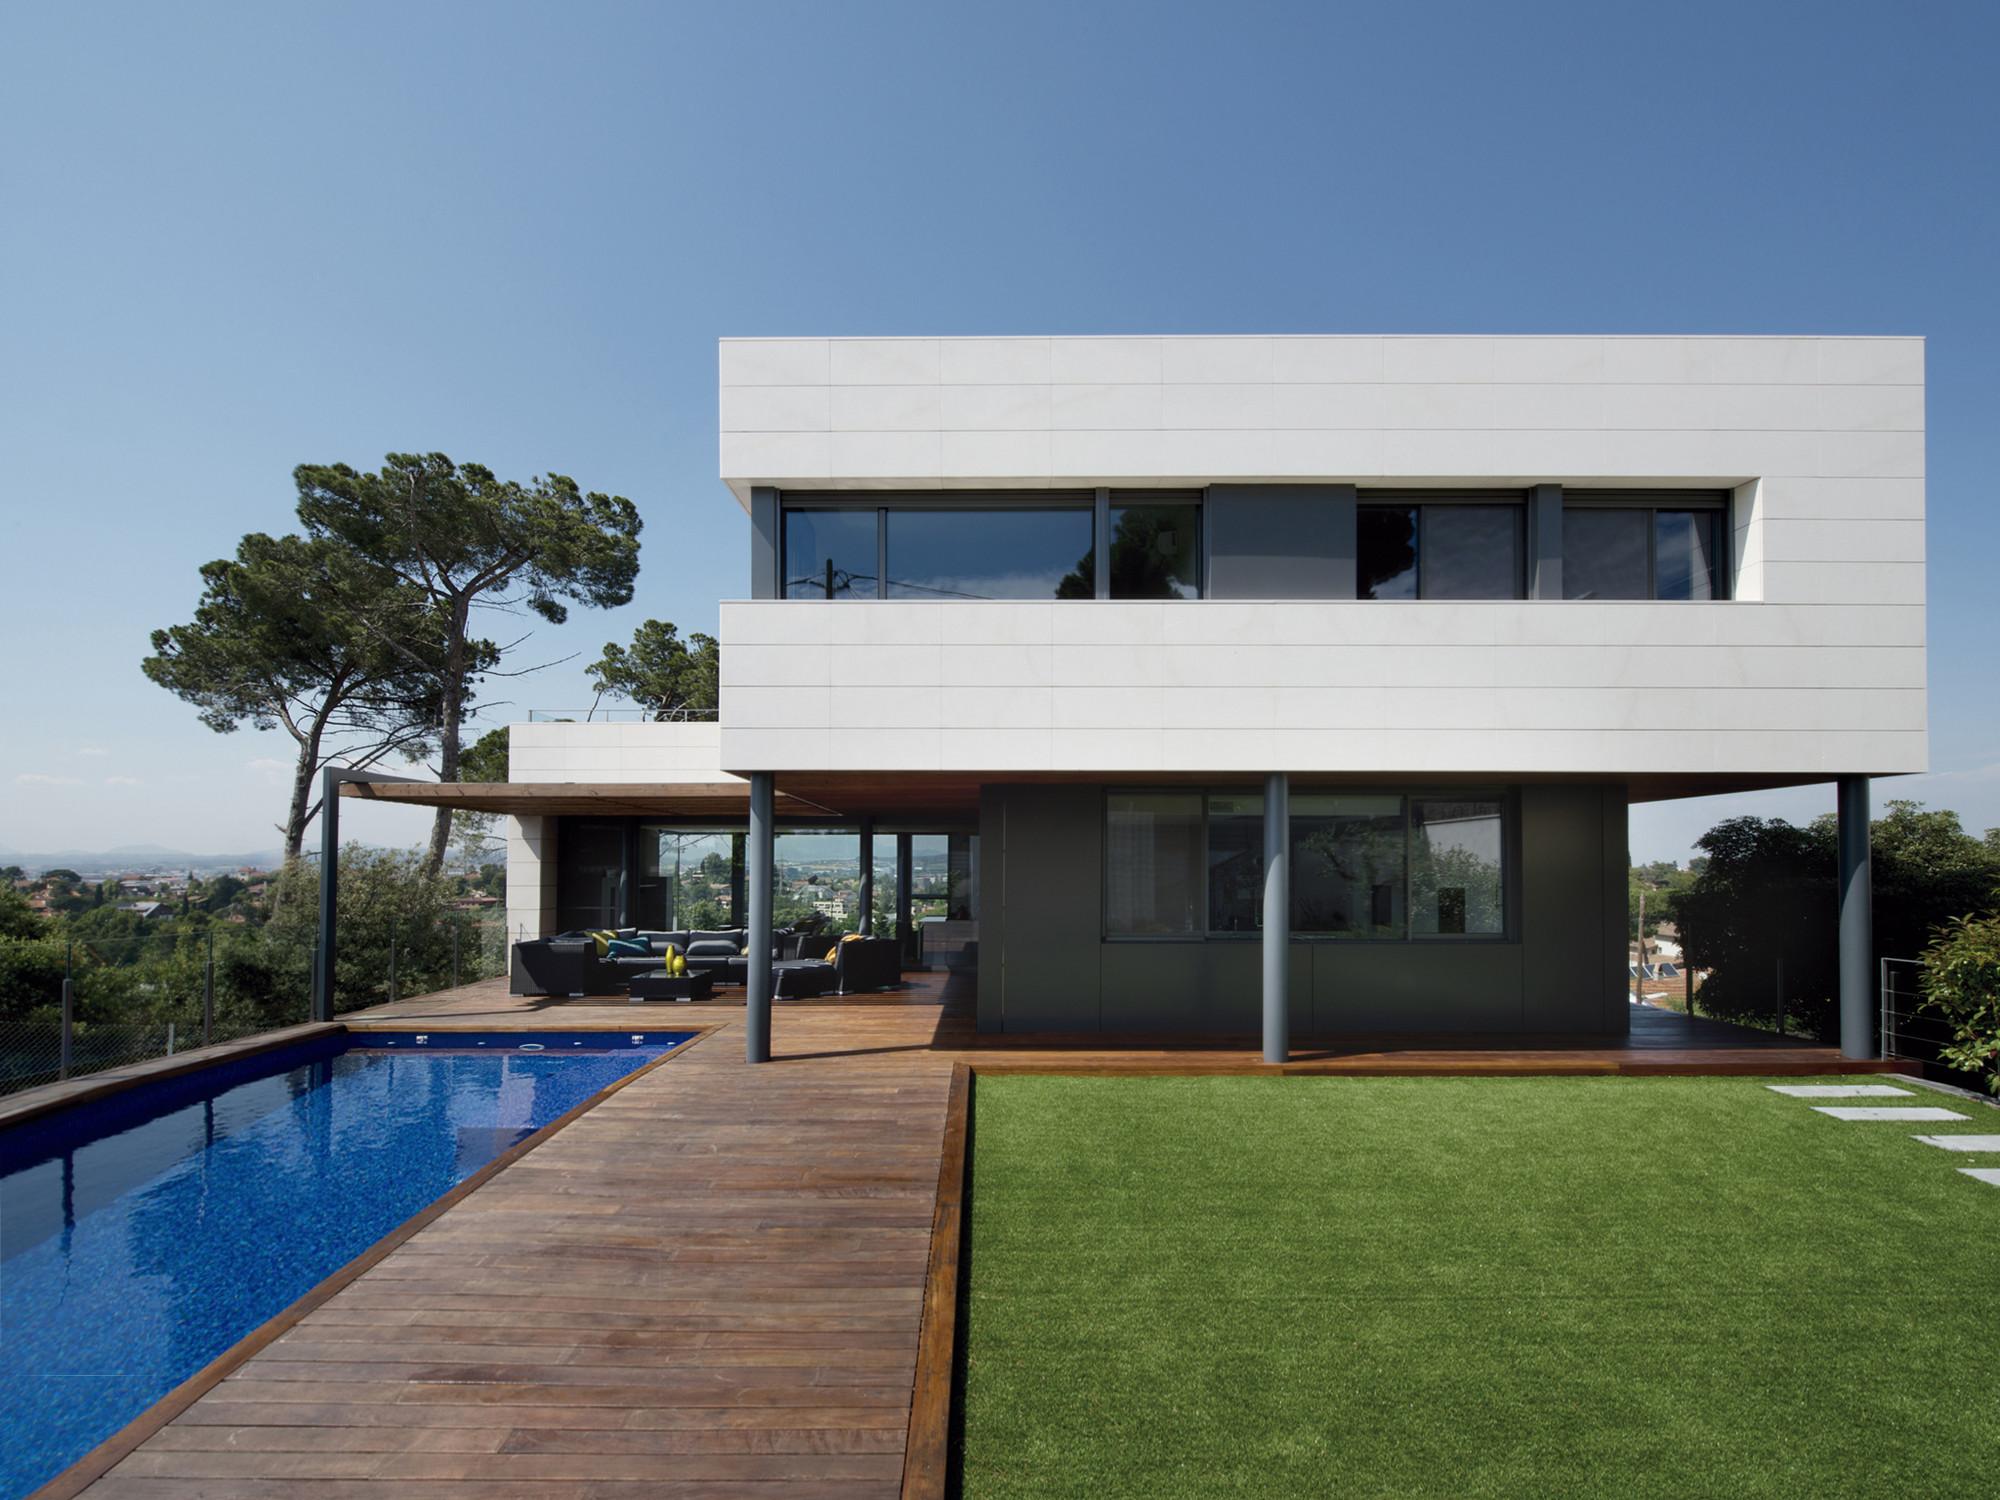 Casa R / Artigas Arquitectes, © Isabel Casanova